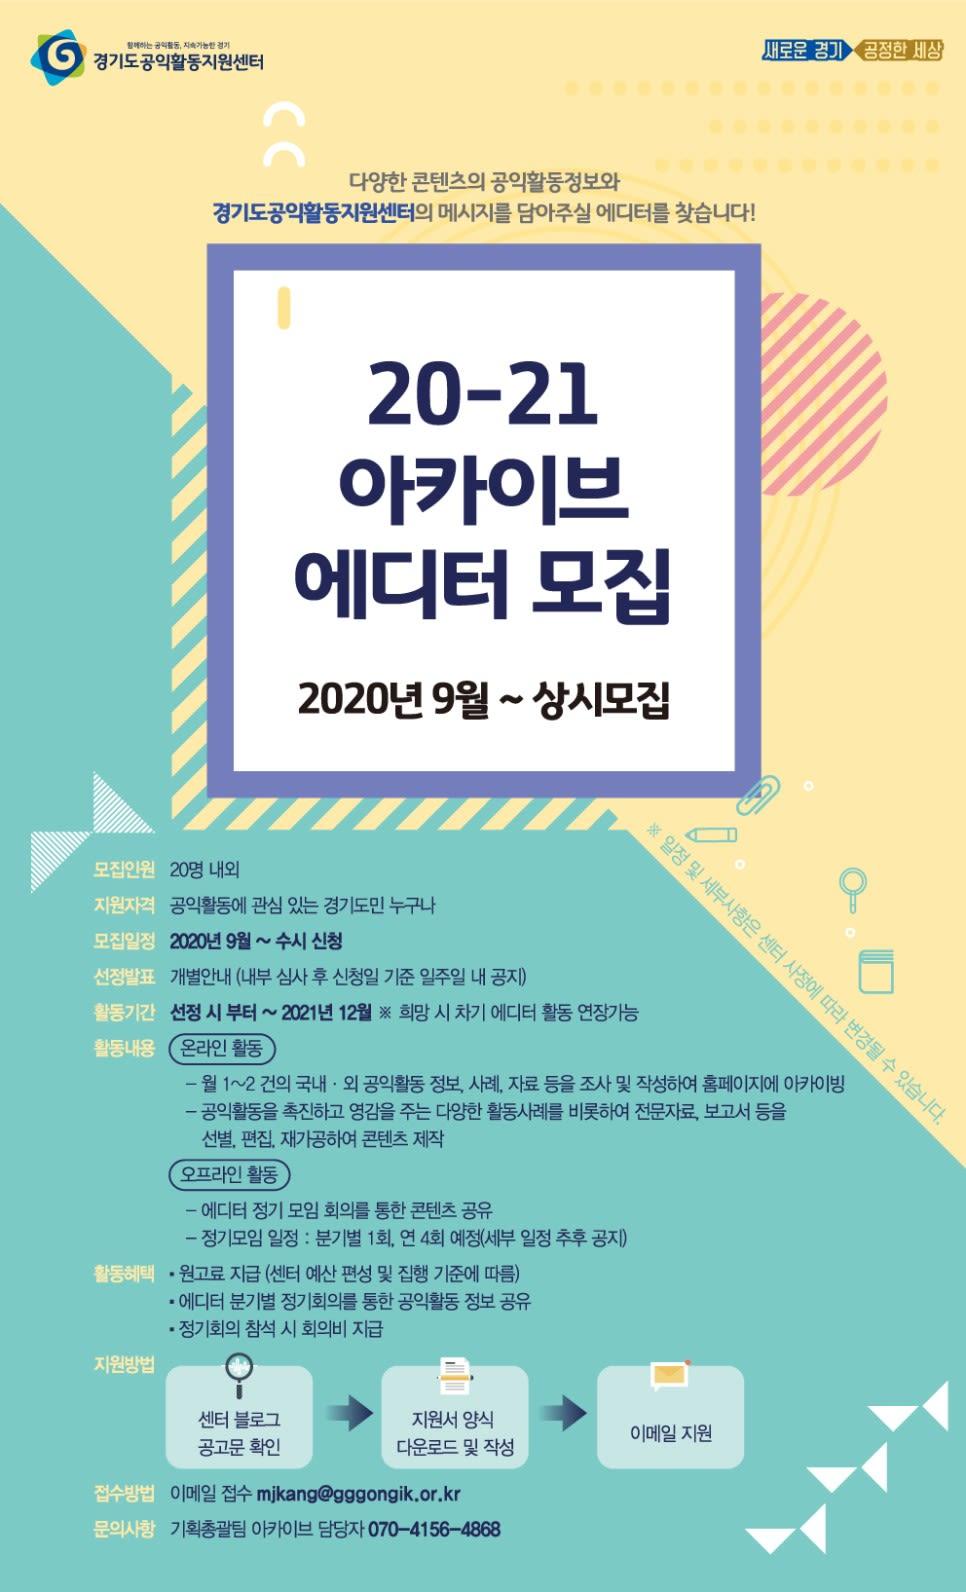 경기도공익활동지원센터 20-21 아카이브 에디터 모집